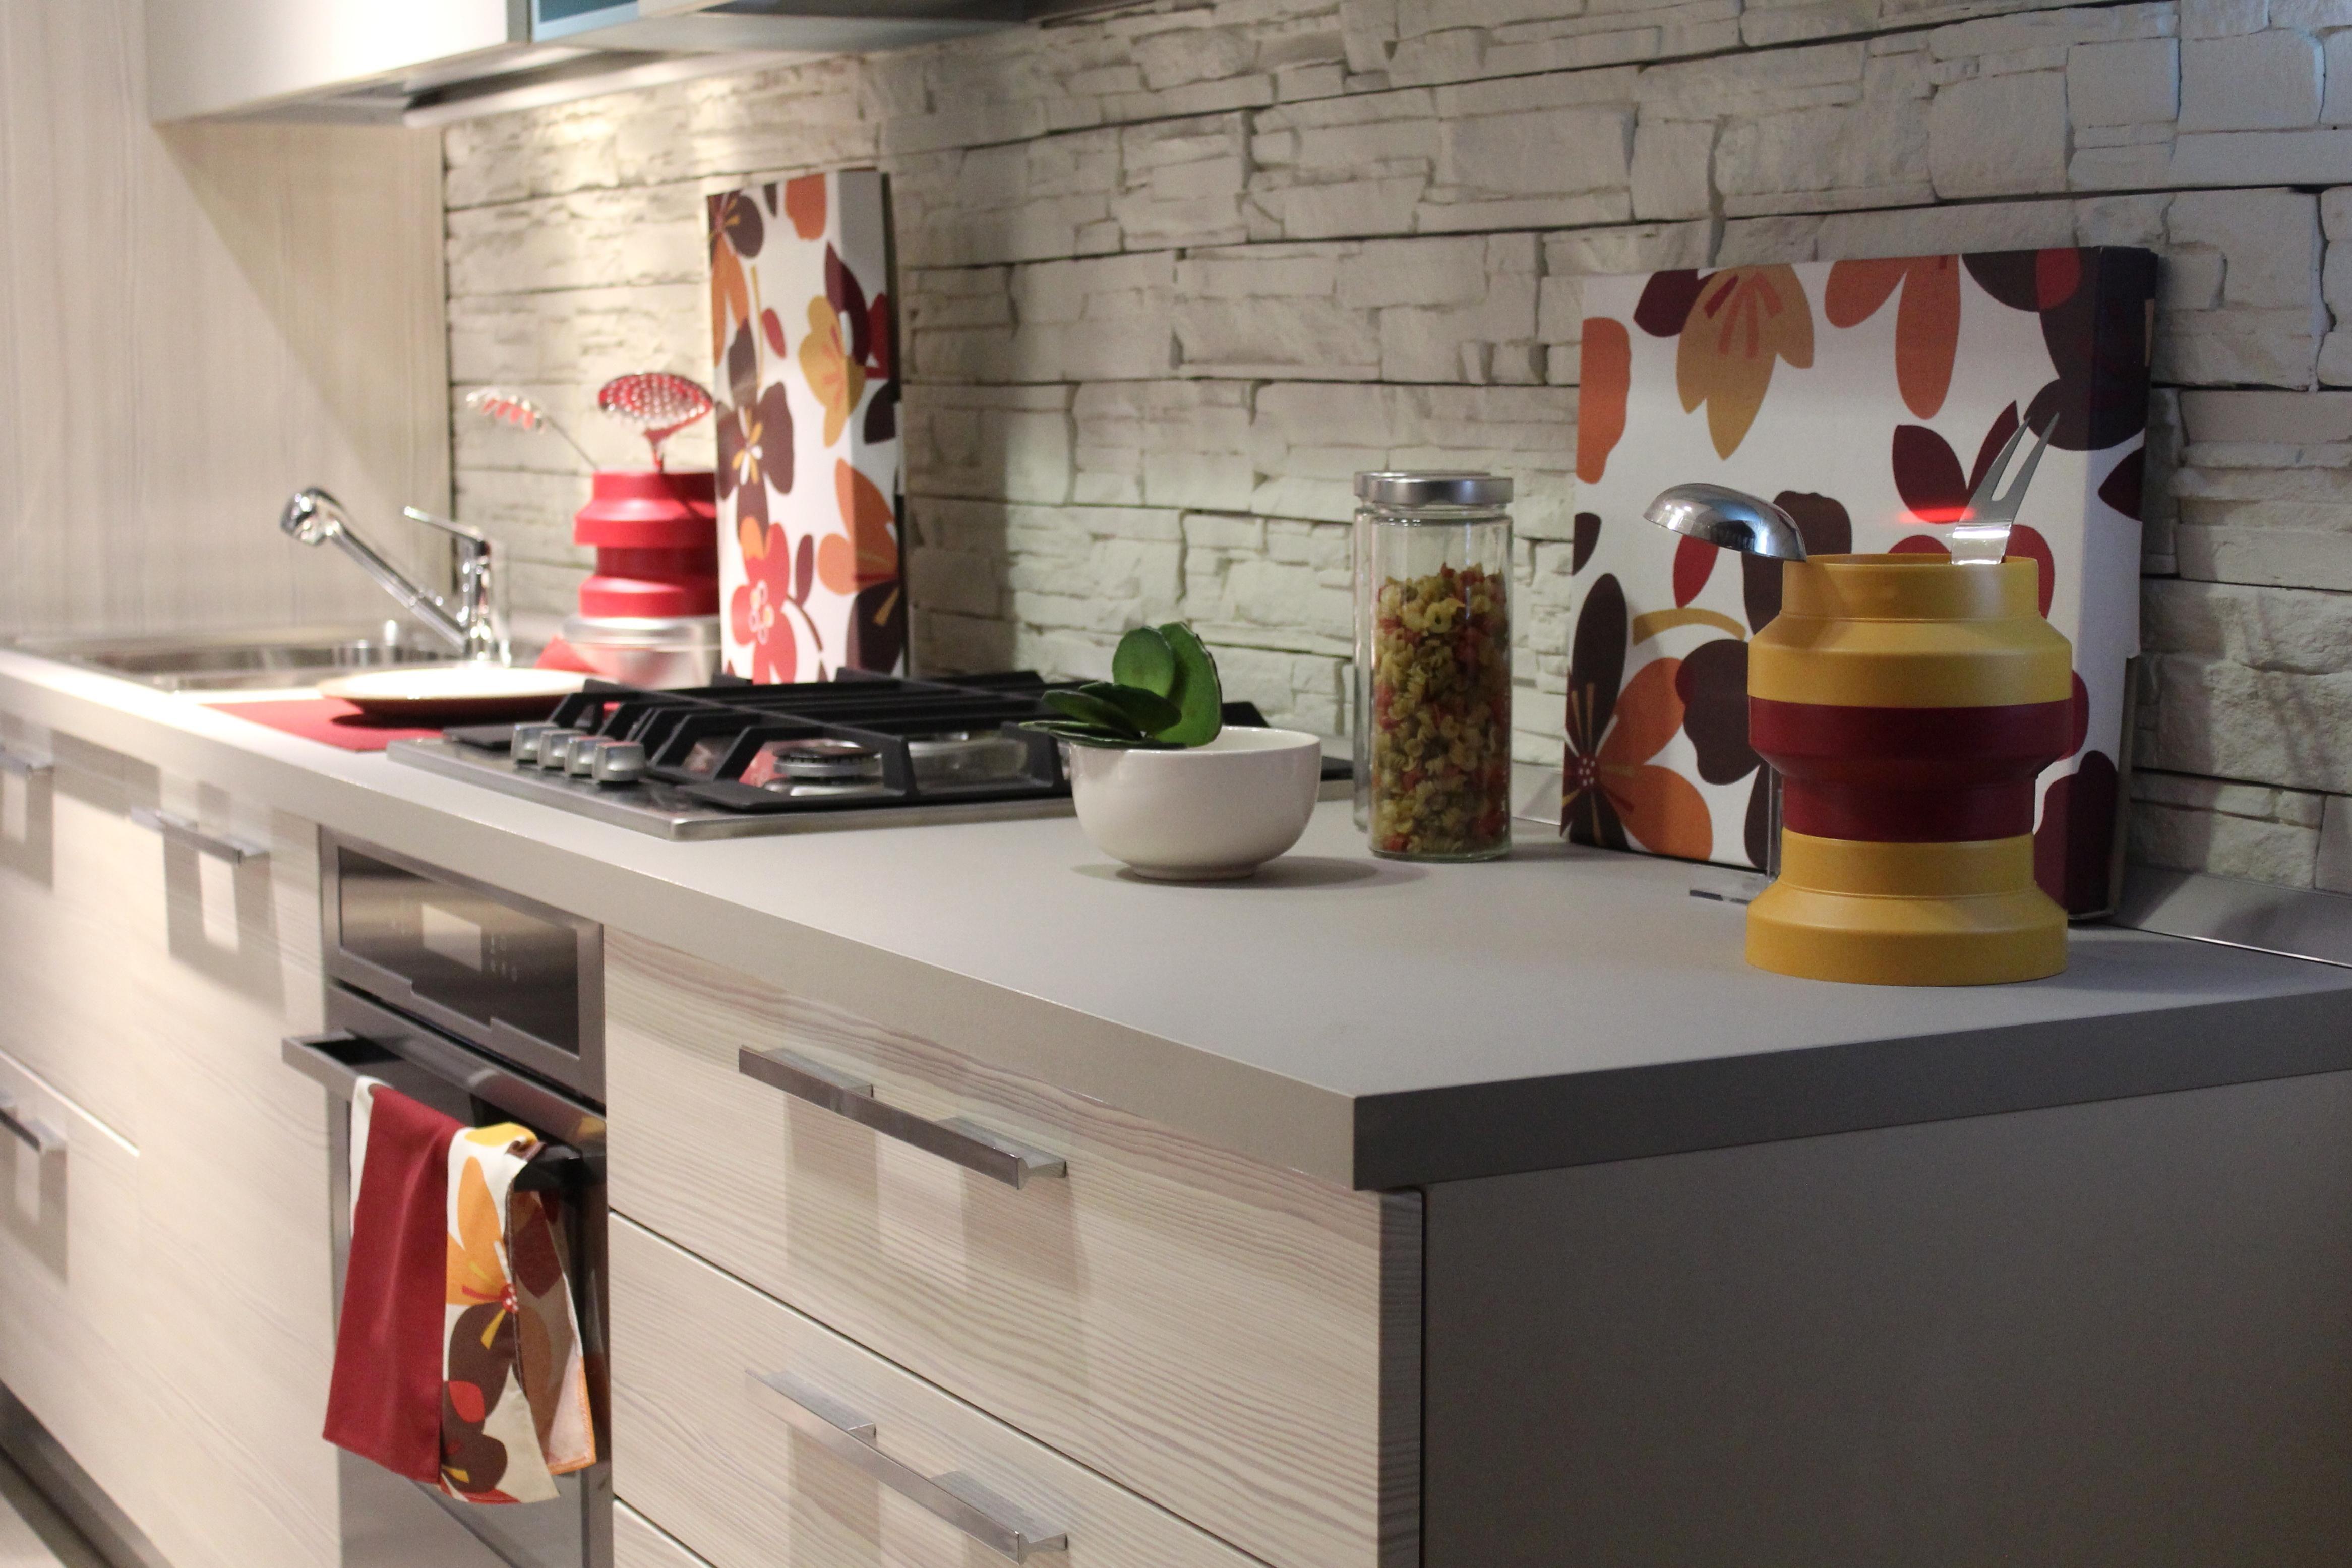 Imagen gratis estufa sala muebles horno utensilios de cocina mesa